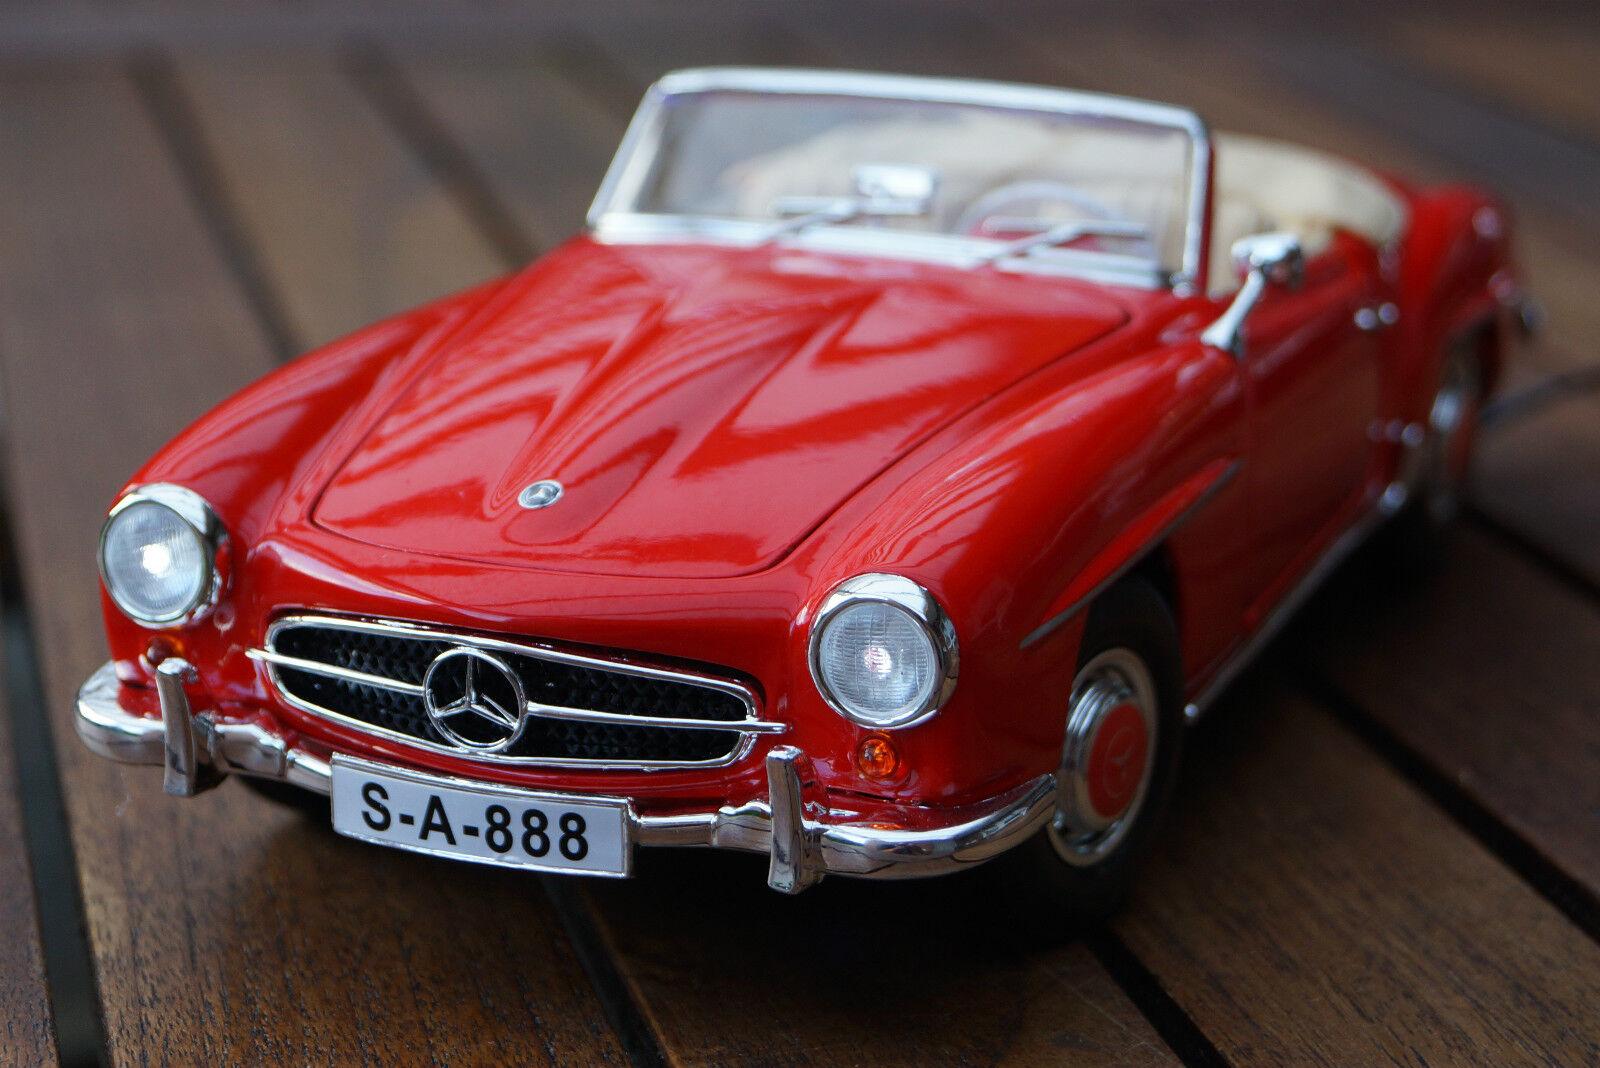 1955 Mercedes-Benz 190  SL 1 18 with LED lumièreing (Xenon) rouge Maisto Maisto  plus abordable